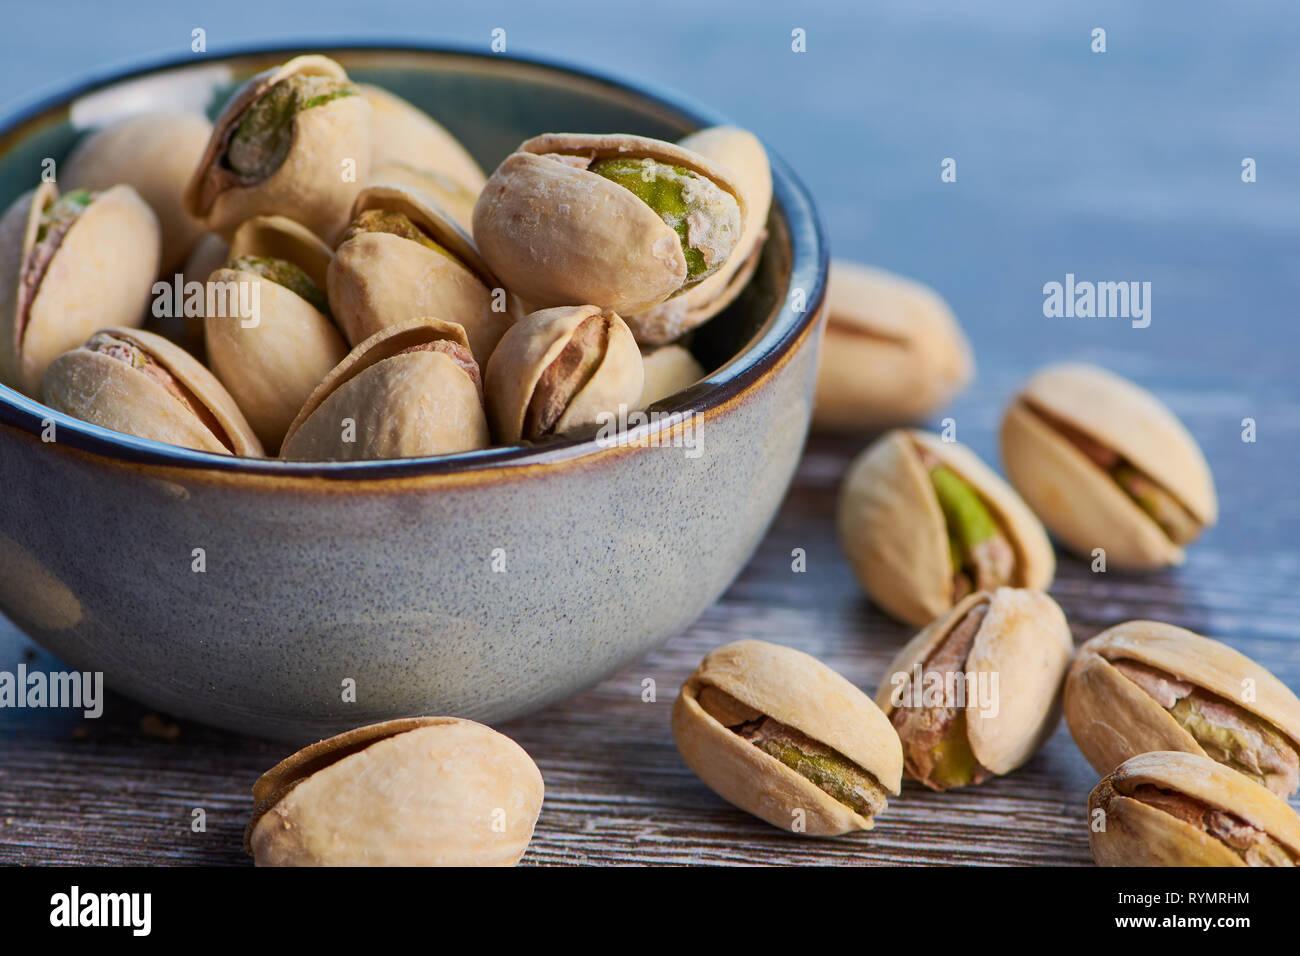 Cerca de pistachos imágenes en color tostado y salado en un cuenco de cerámica sobre una superficie de madera Foto de stock